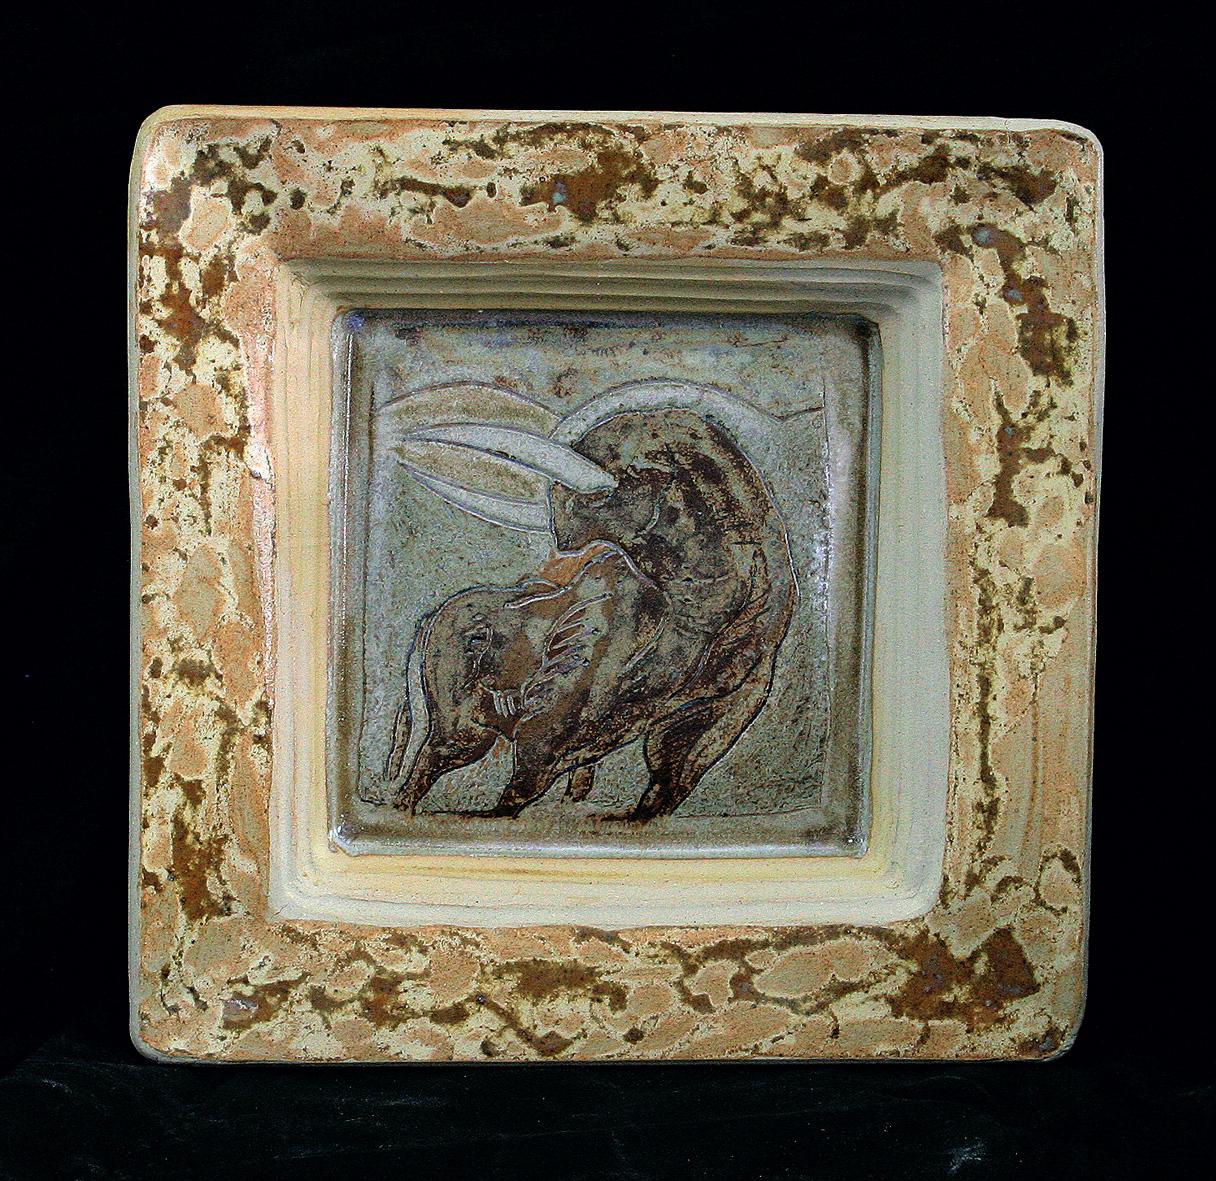 PLAT CARRÉ / Pièce en grés gravé émaillé - 30x30 cm